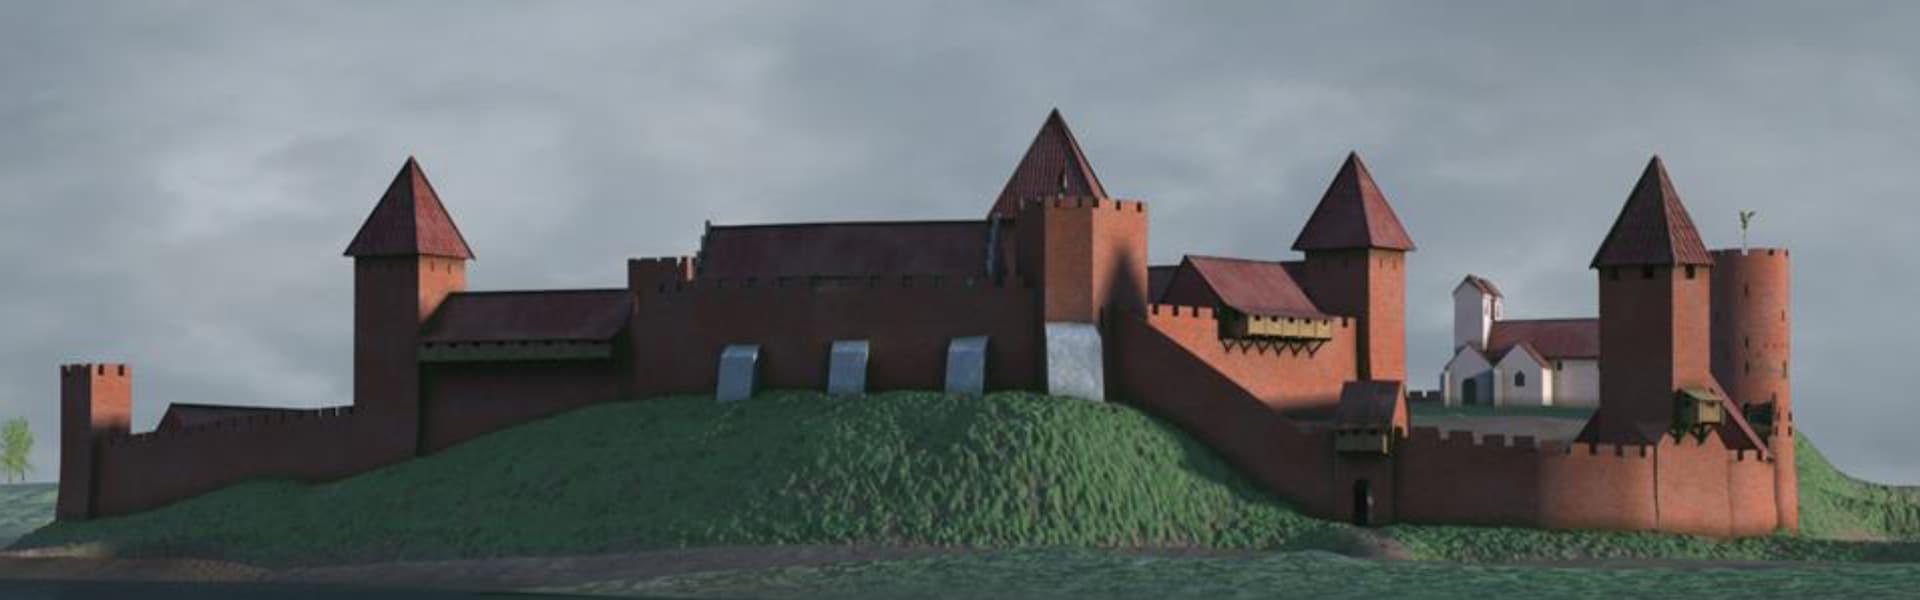 Kongens Huse – foredrag om bl.a. Kongeborgen i Vordingborg, der var den største i Danmark i Middelalderen